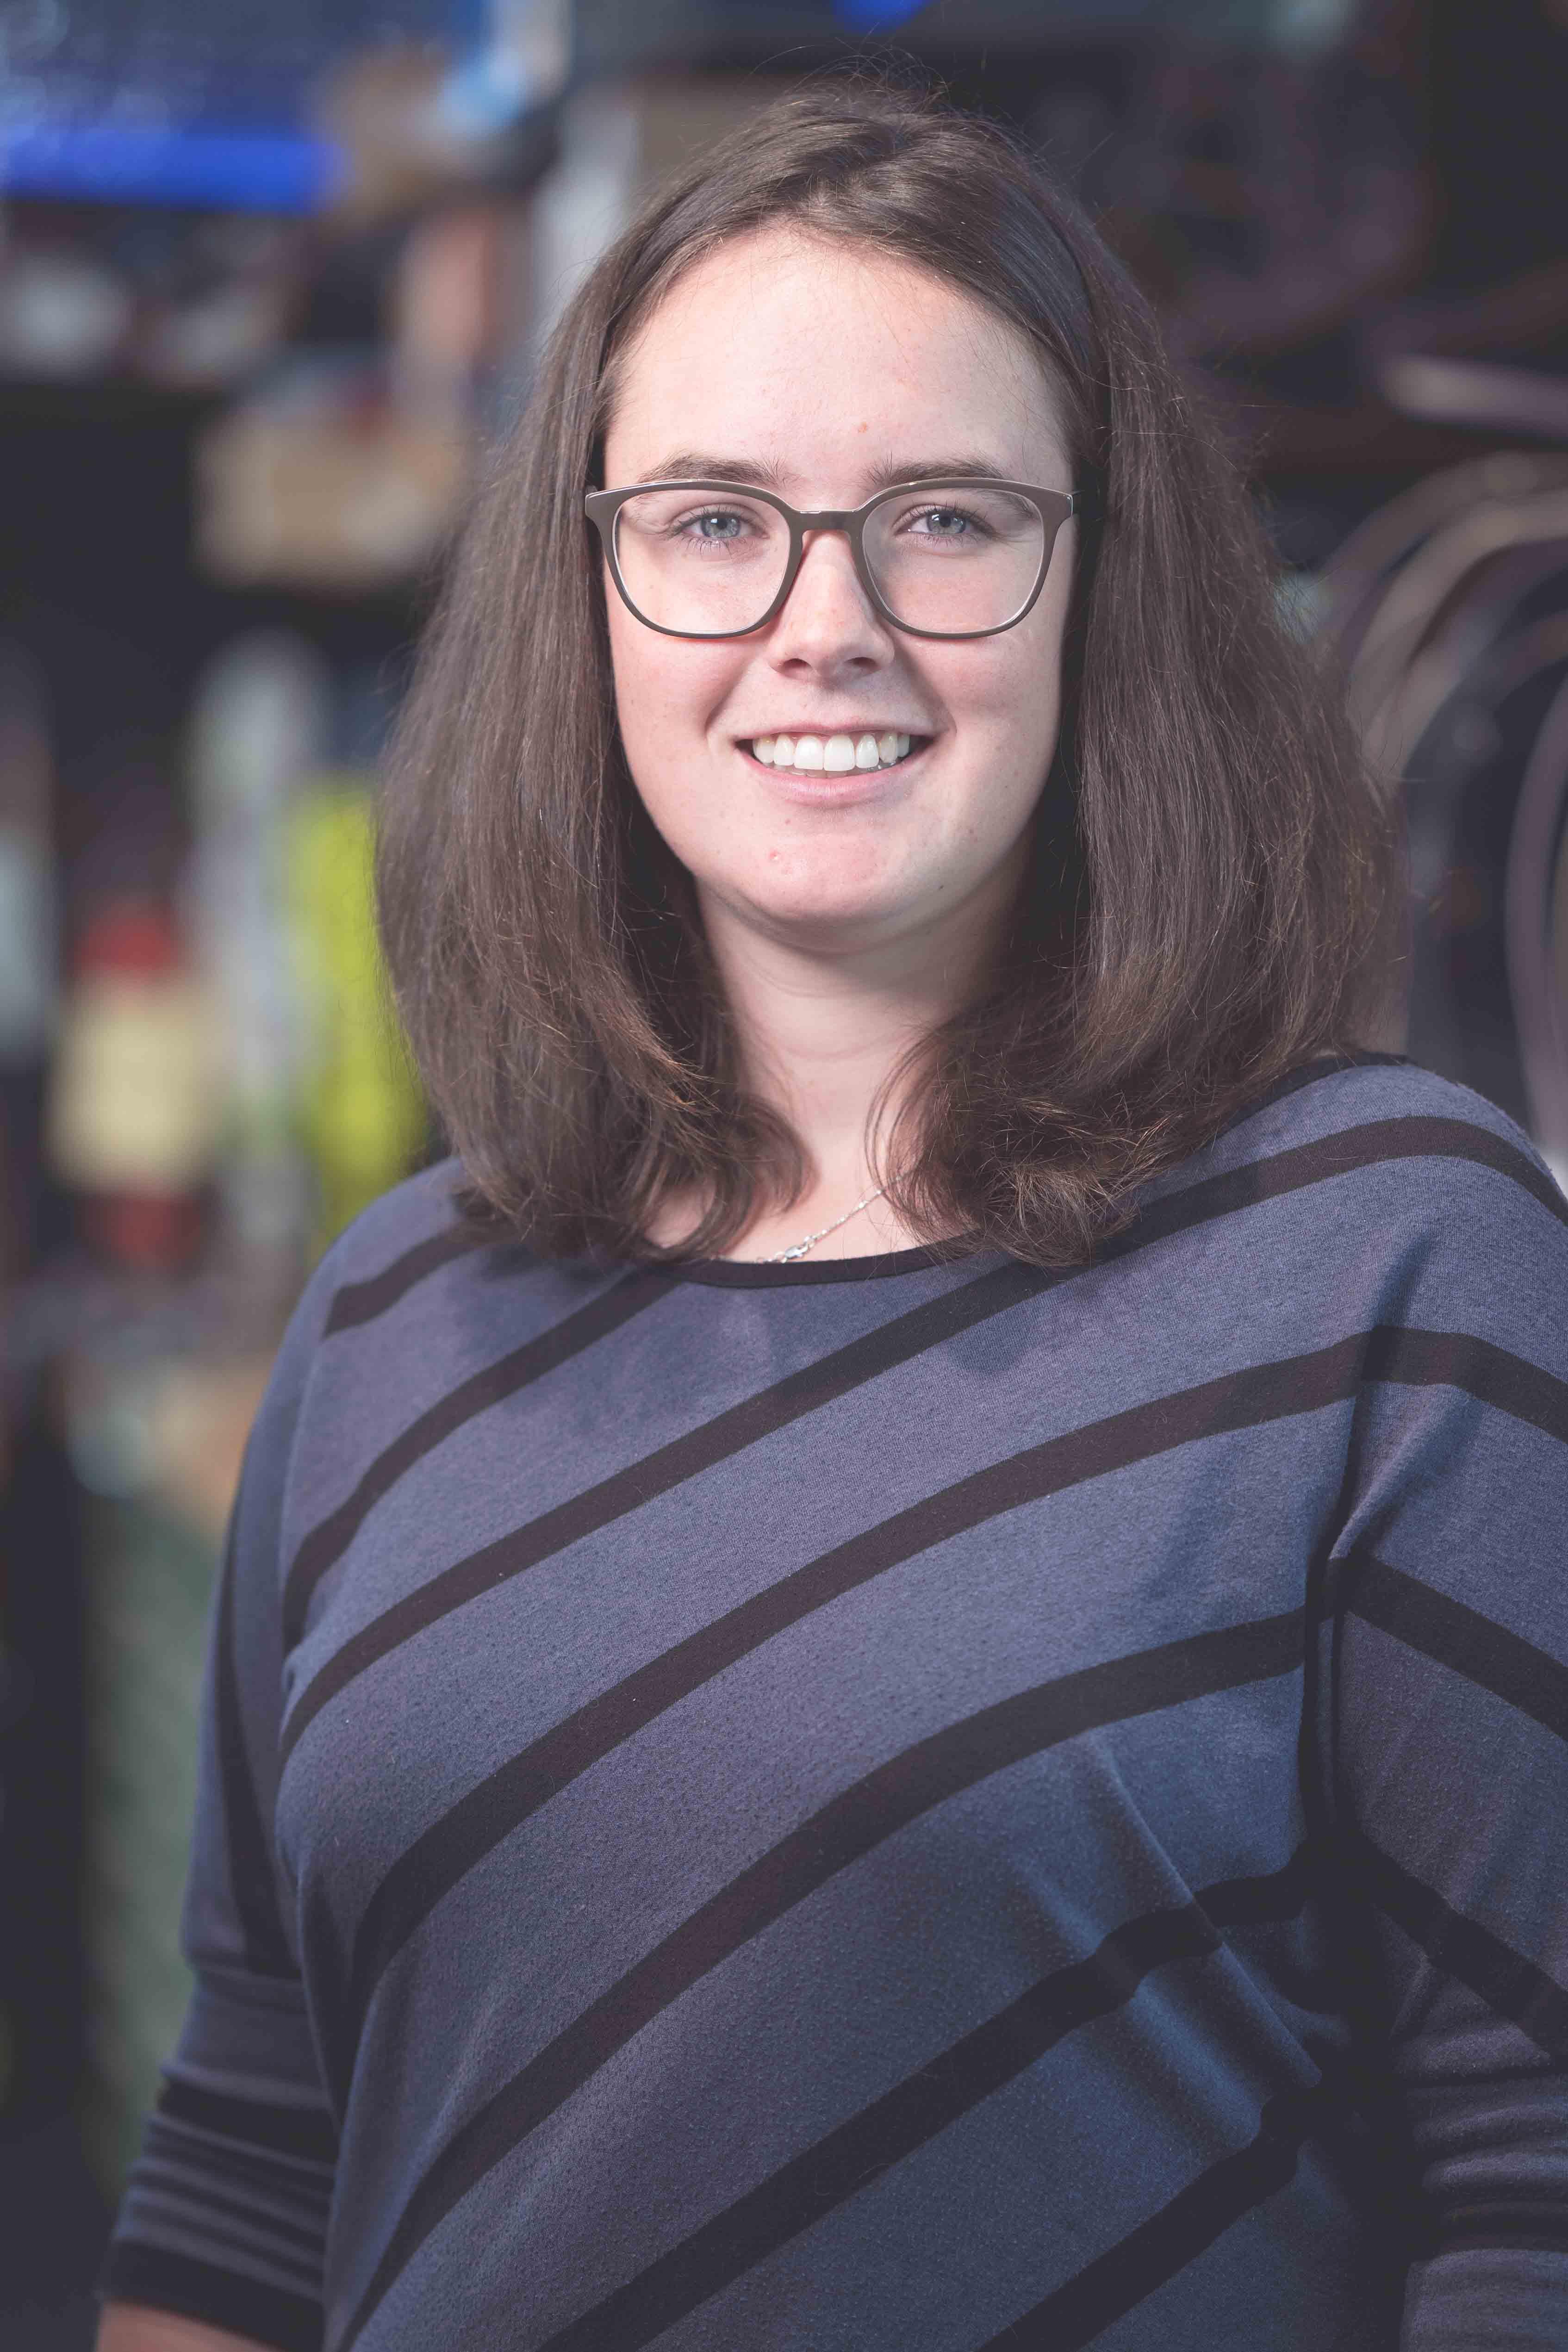 Silvana Jörger